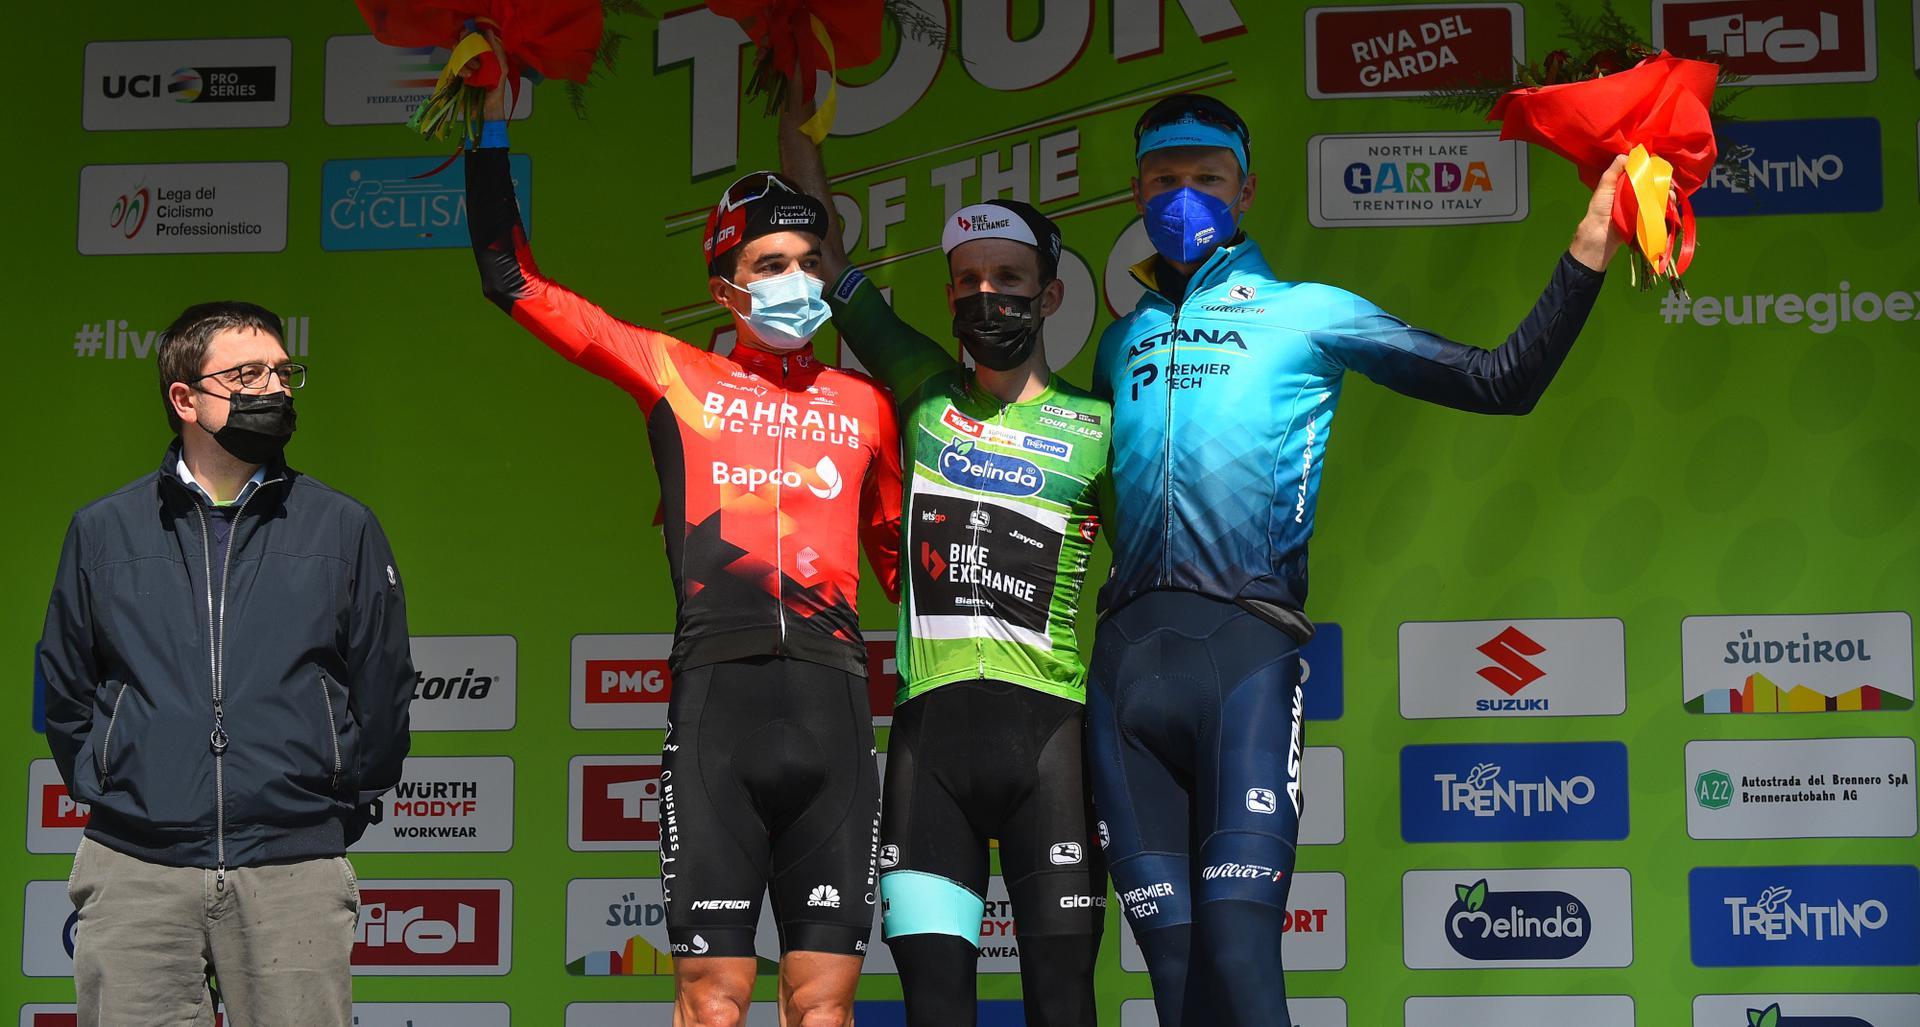 Il podio finale del Tour of the Alps (foto BettiniPhoto)